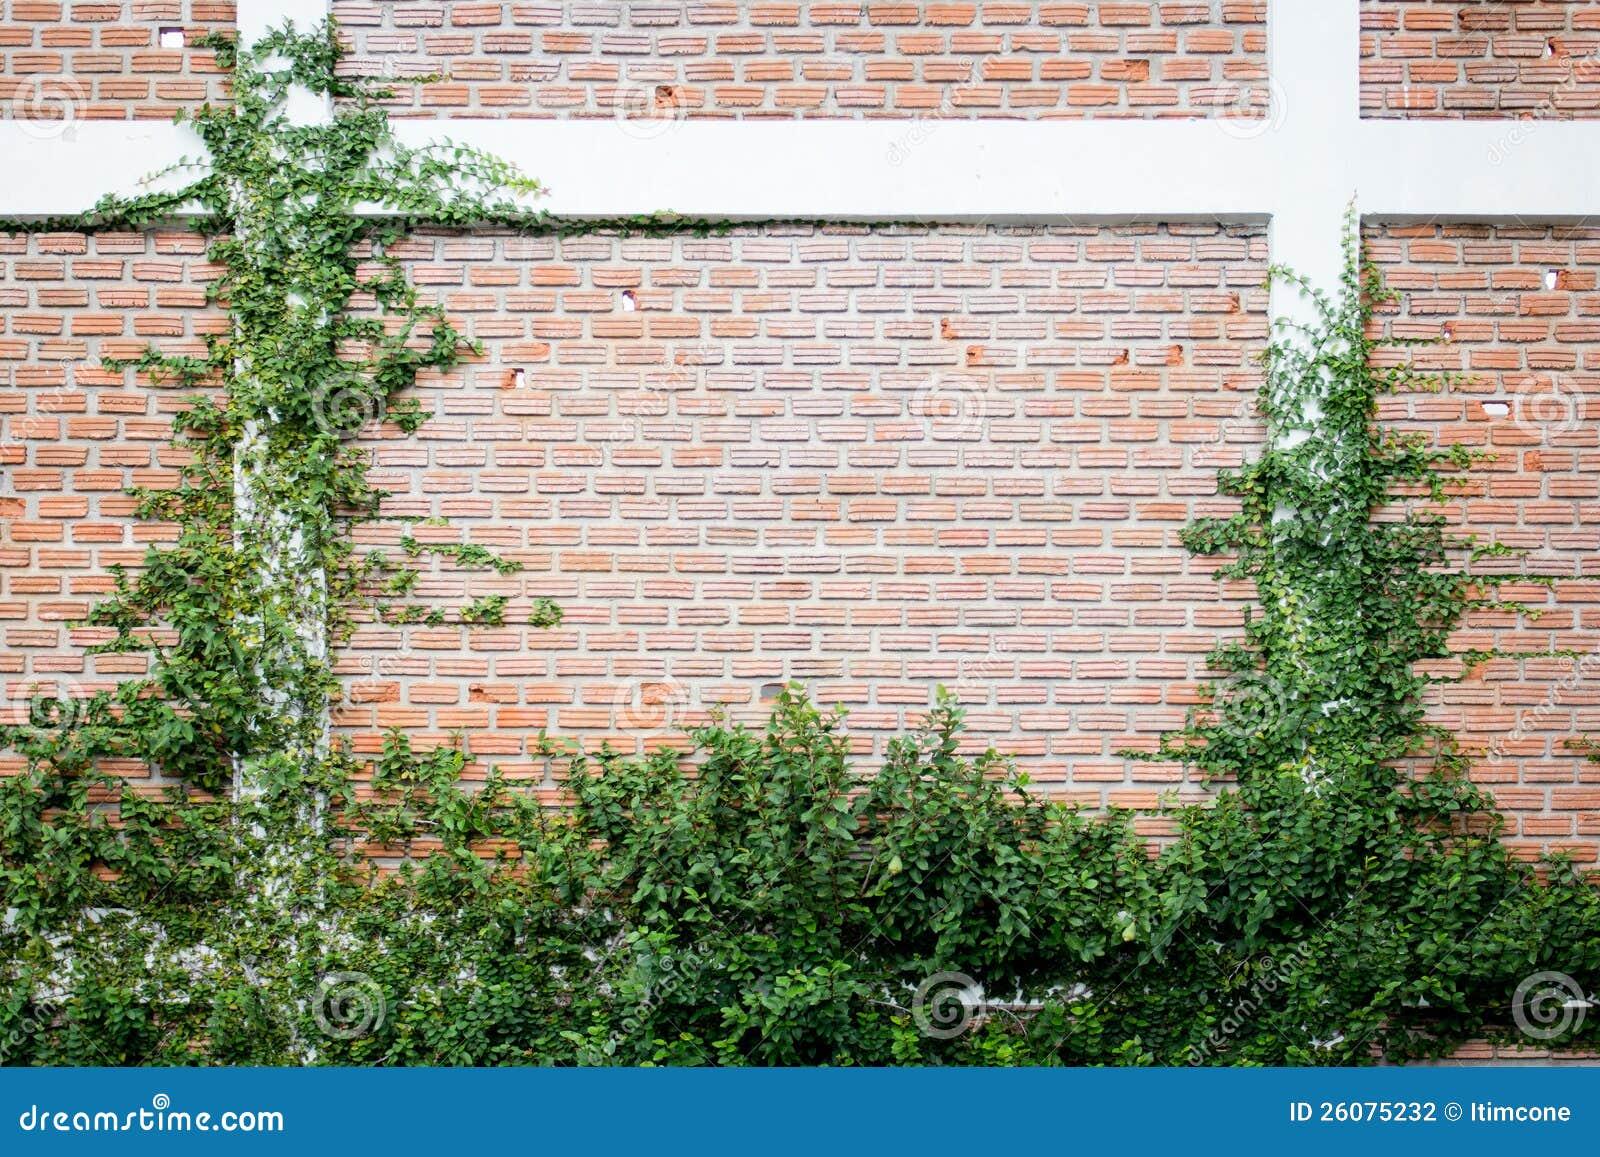 la centrale verte de plante grimpante sur un mur de briques photographie stock image 26075232. Black Bedroom Furniture Sets. Home Design Ideas